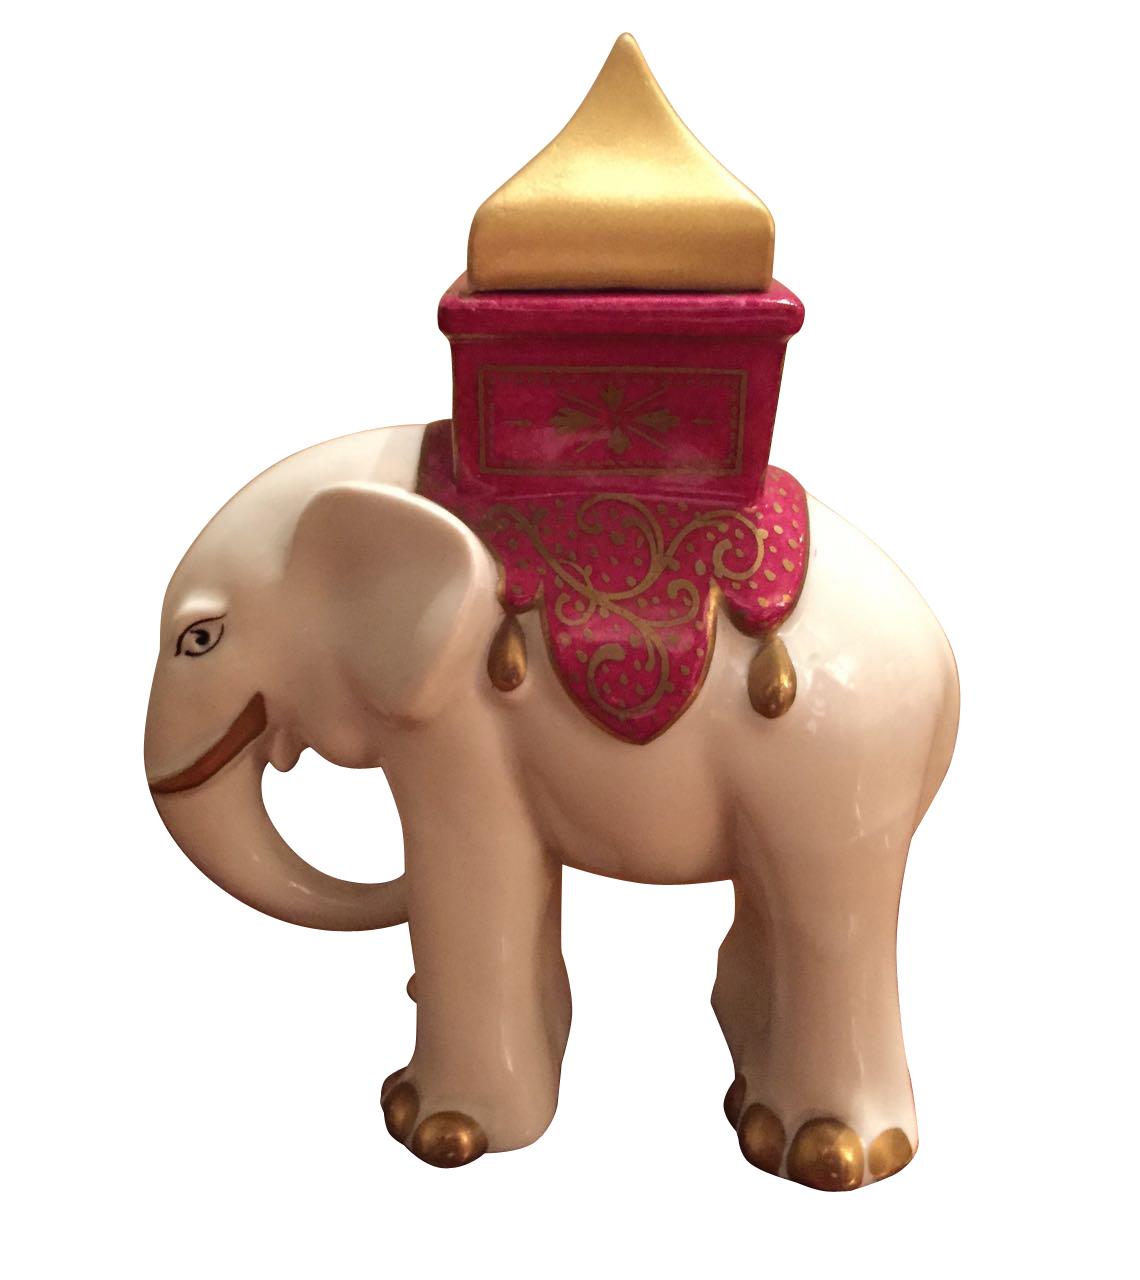 Robj elephant Paris ceramic